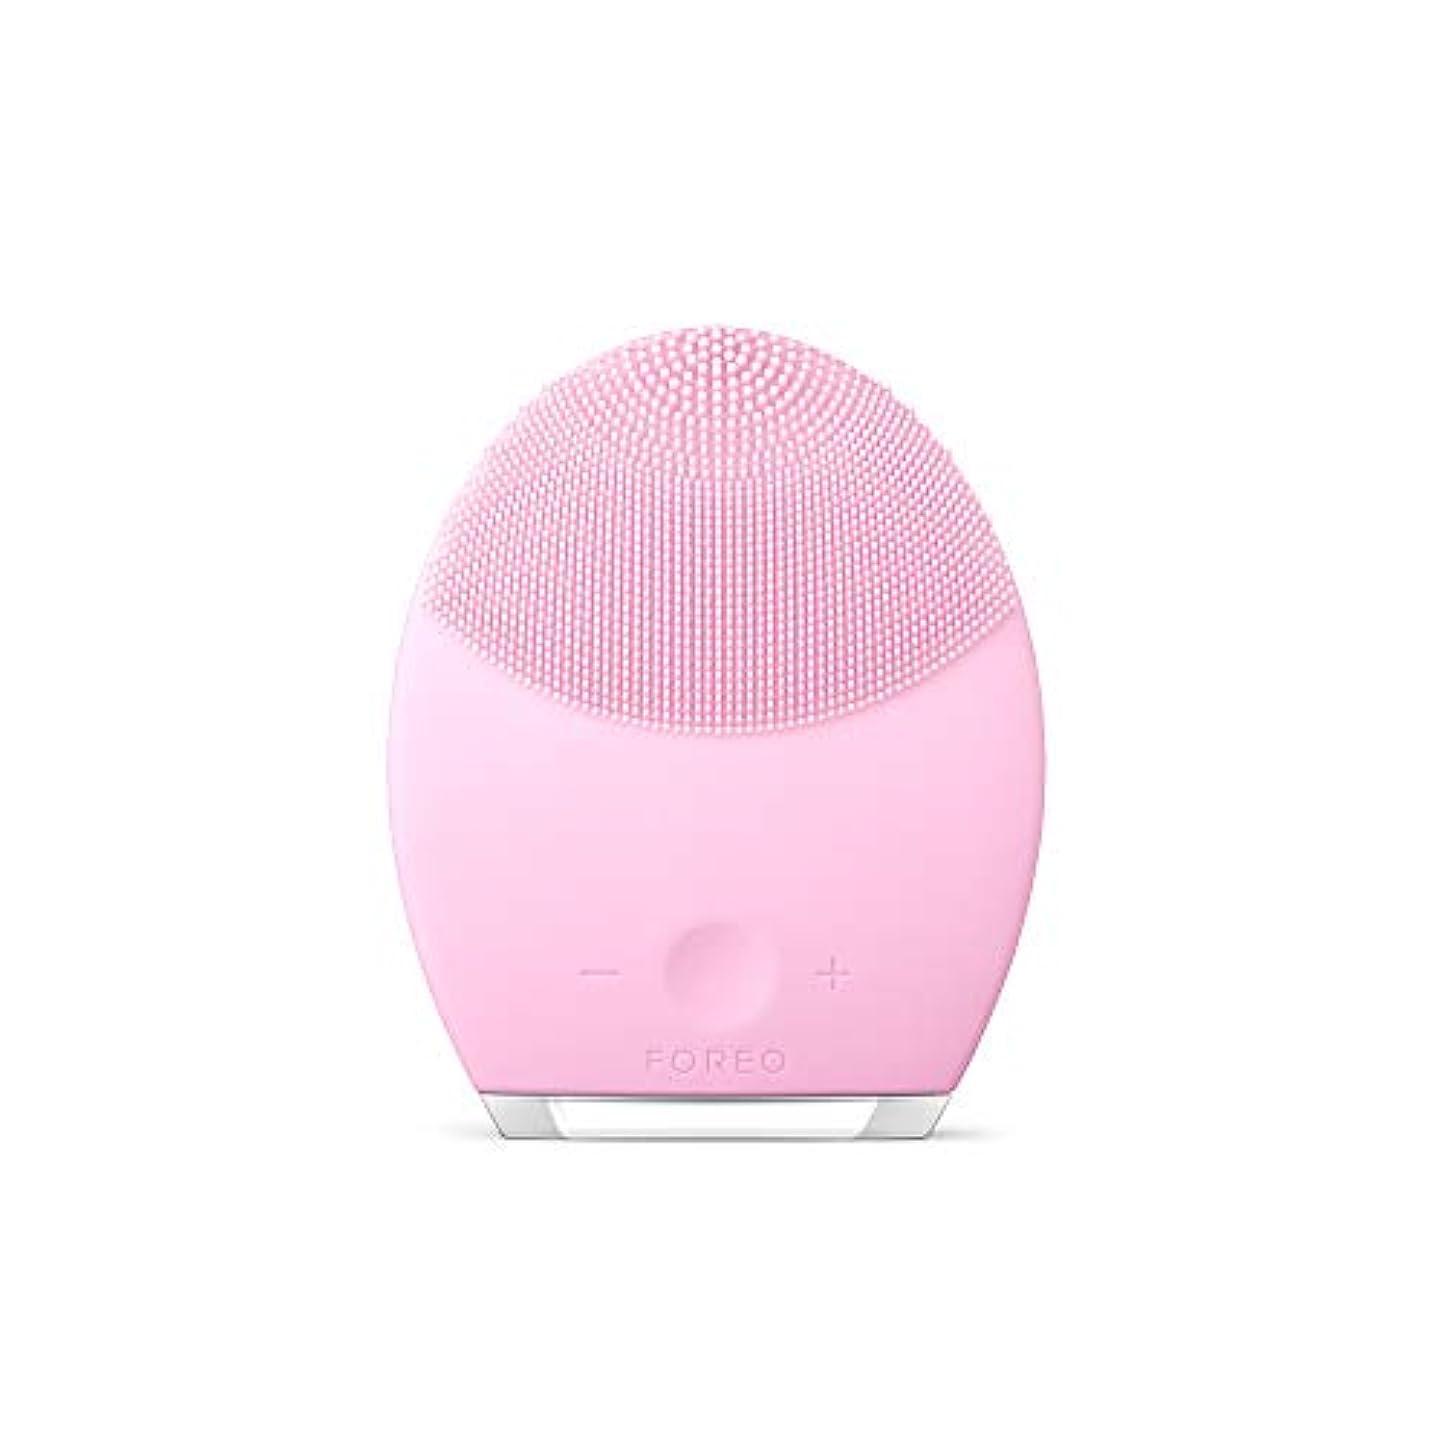 算術貨物ネストFOREO LUNA 2 for ノーマルスキン 電動洗顔ブラシ シリコーン製 音波振動